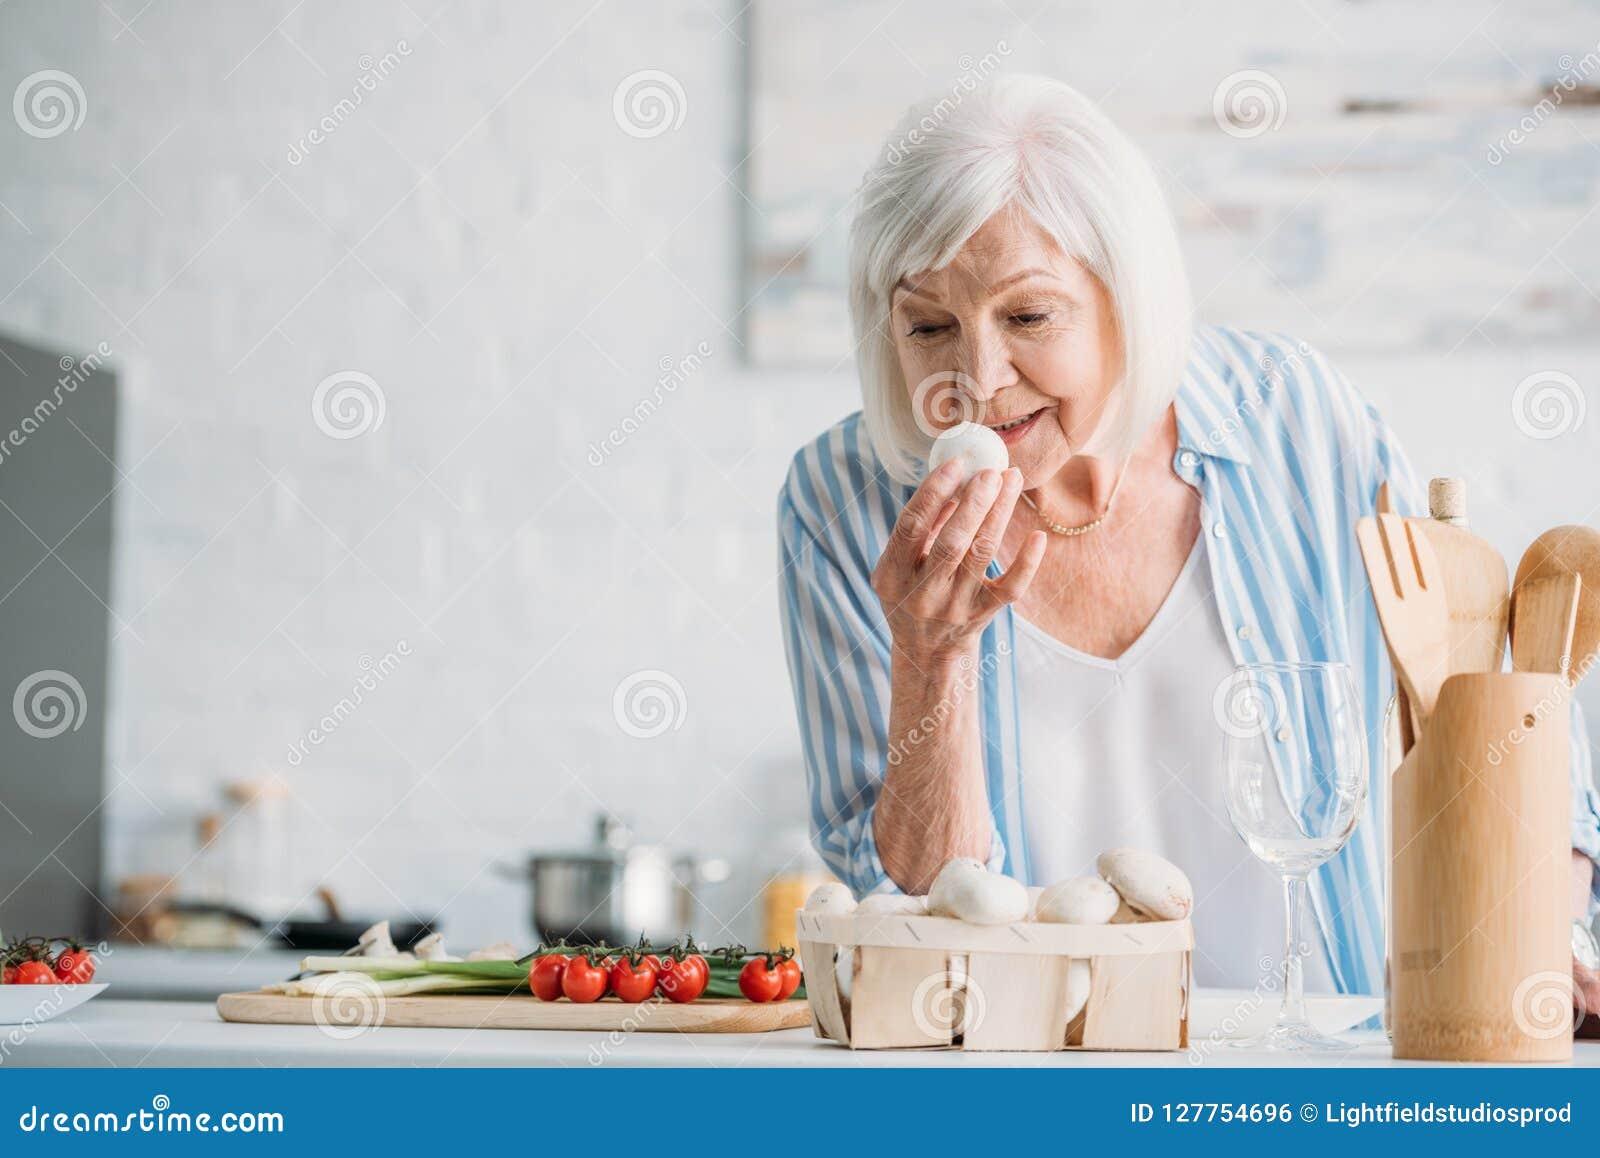 Het portret van het grijze haardame controleren schiet terwijl het koken van diner bij teller als paddestoelen uit de grond